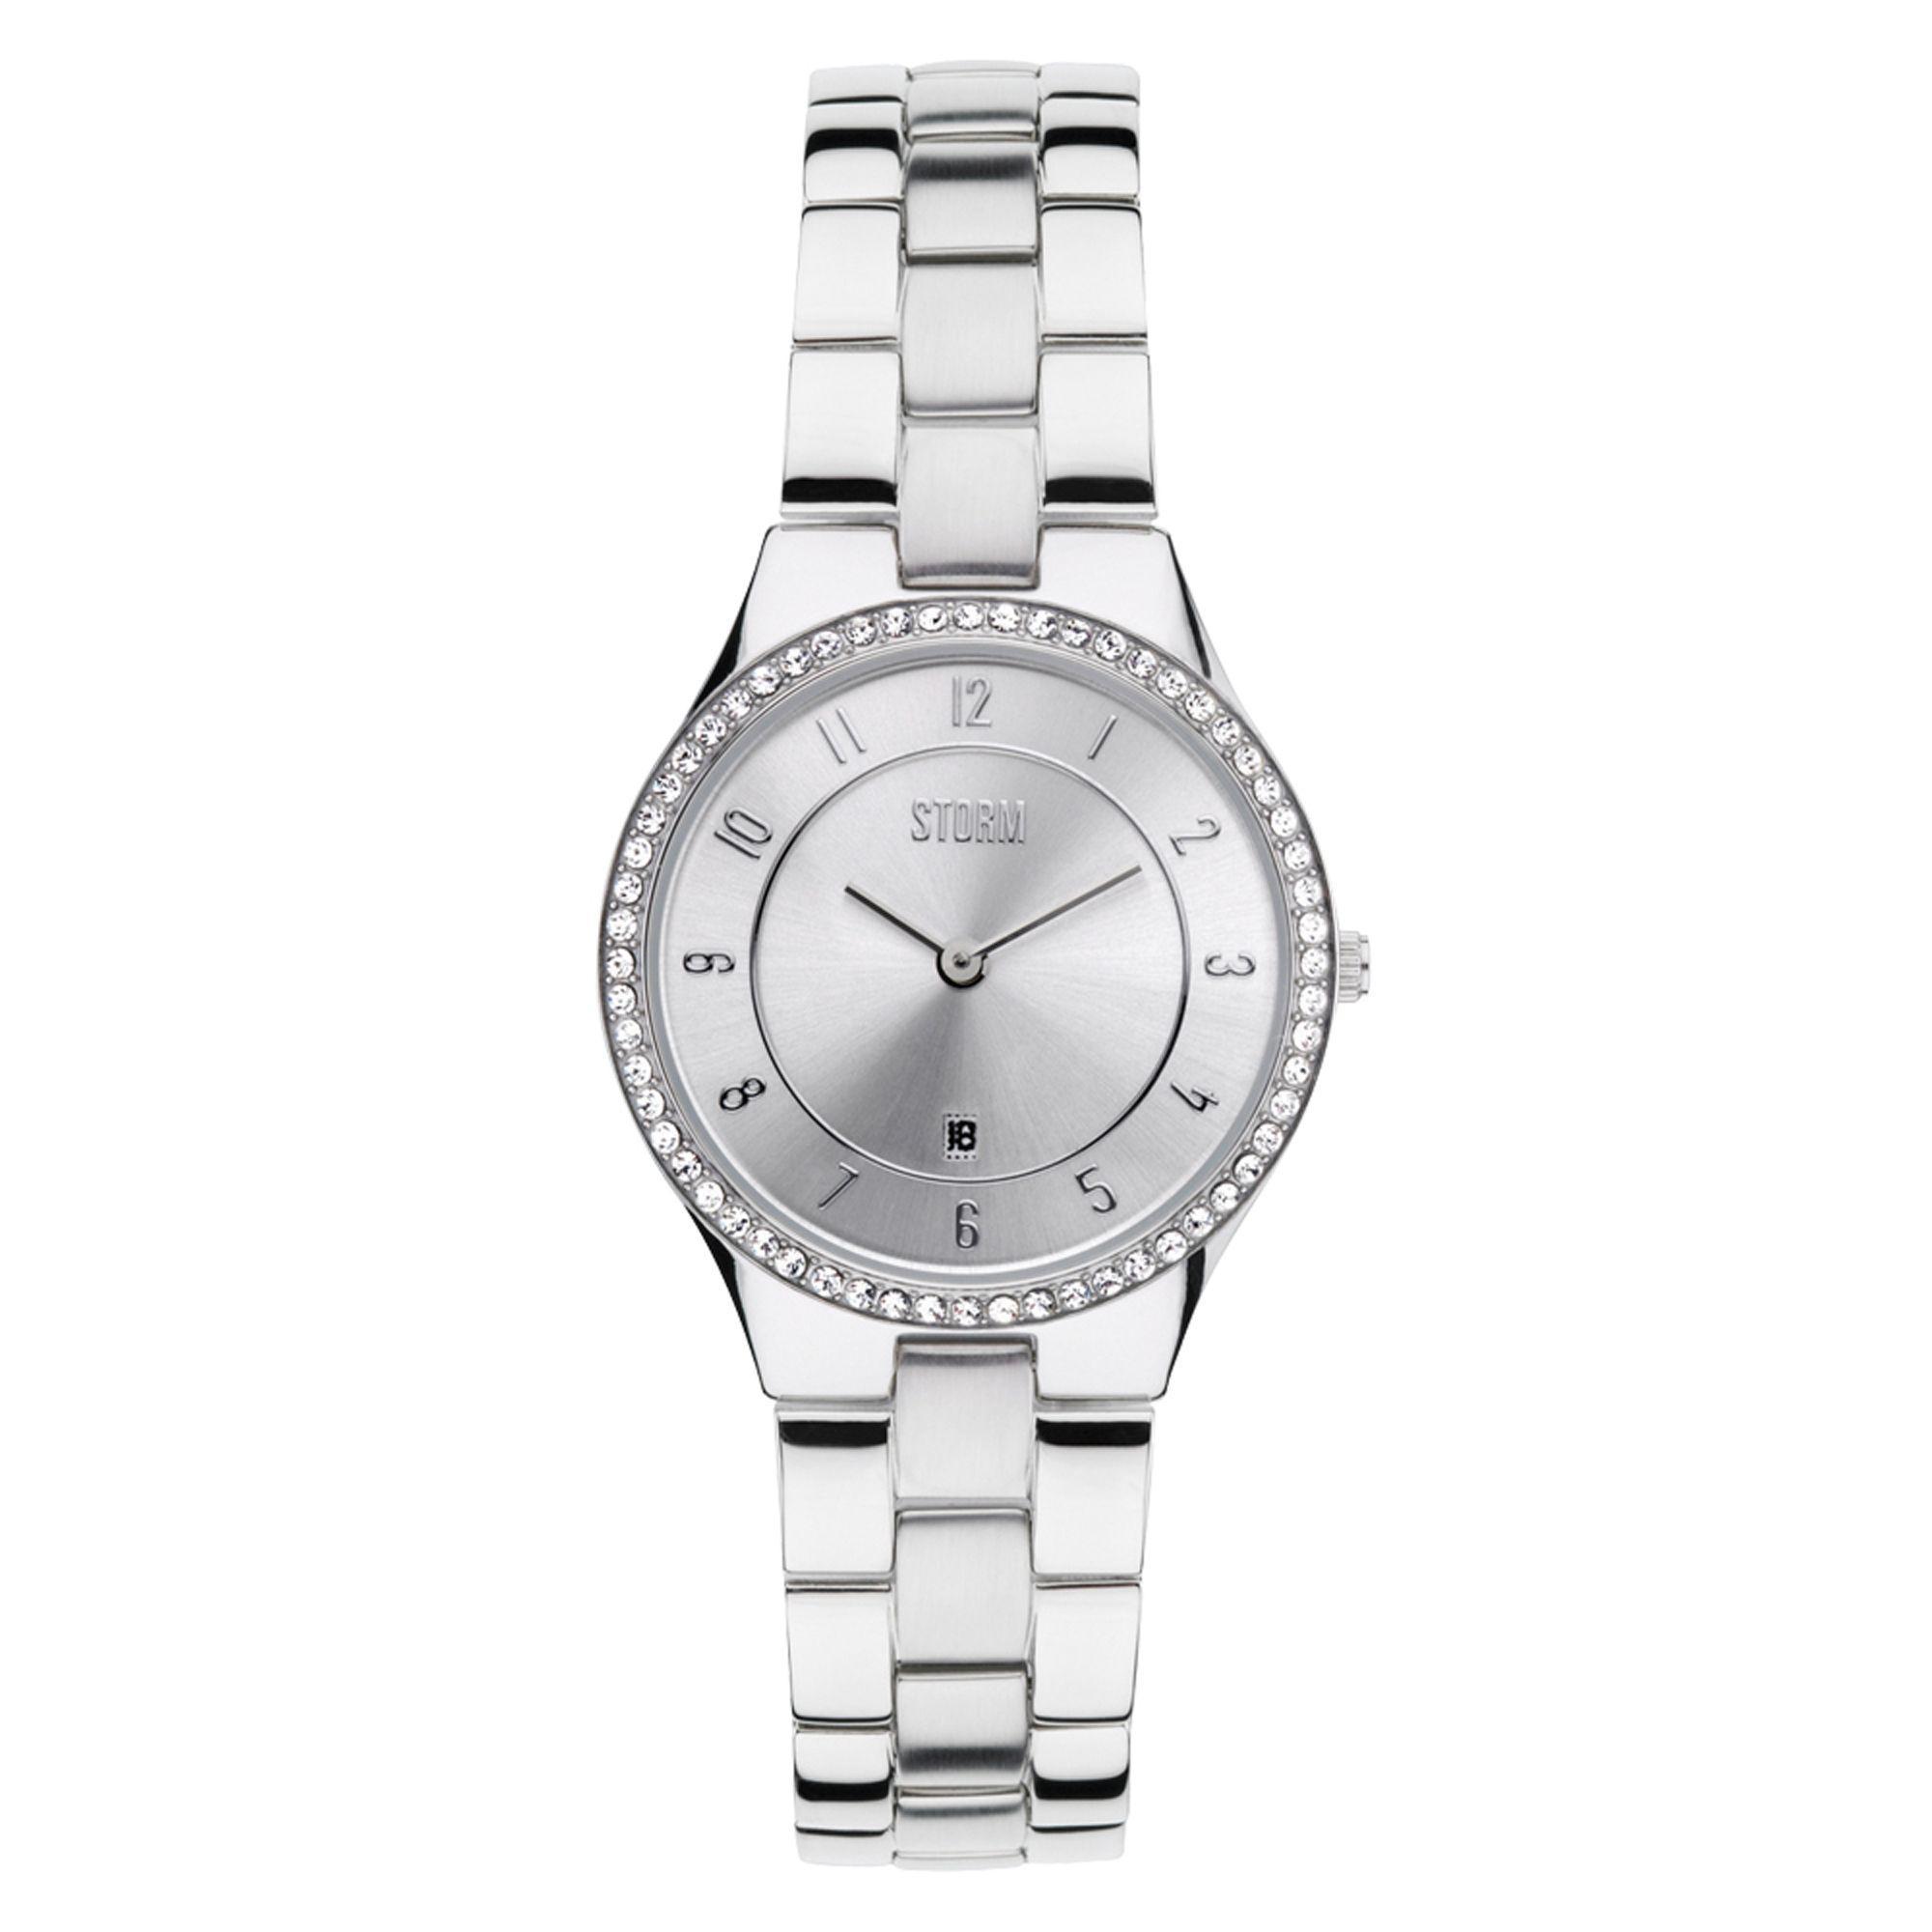 48a2542a598a7 ... Silver Round Dial Swarovski Crystal Watch Slim X Crystal - Lyst. View  fullscreen